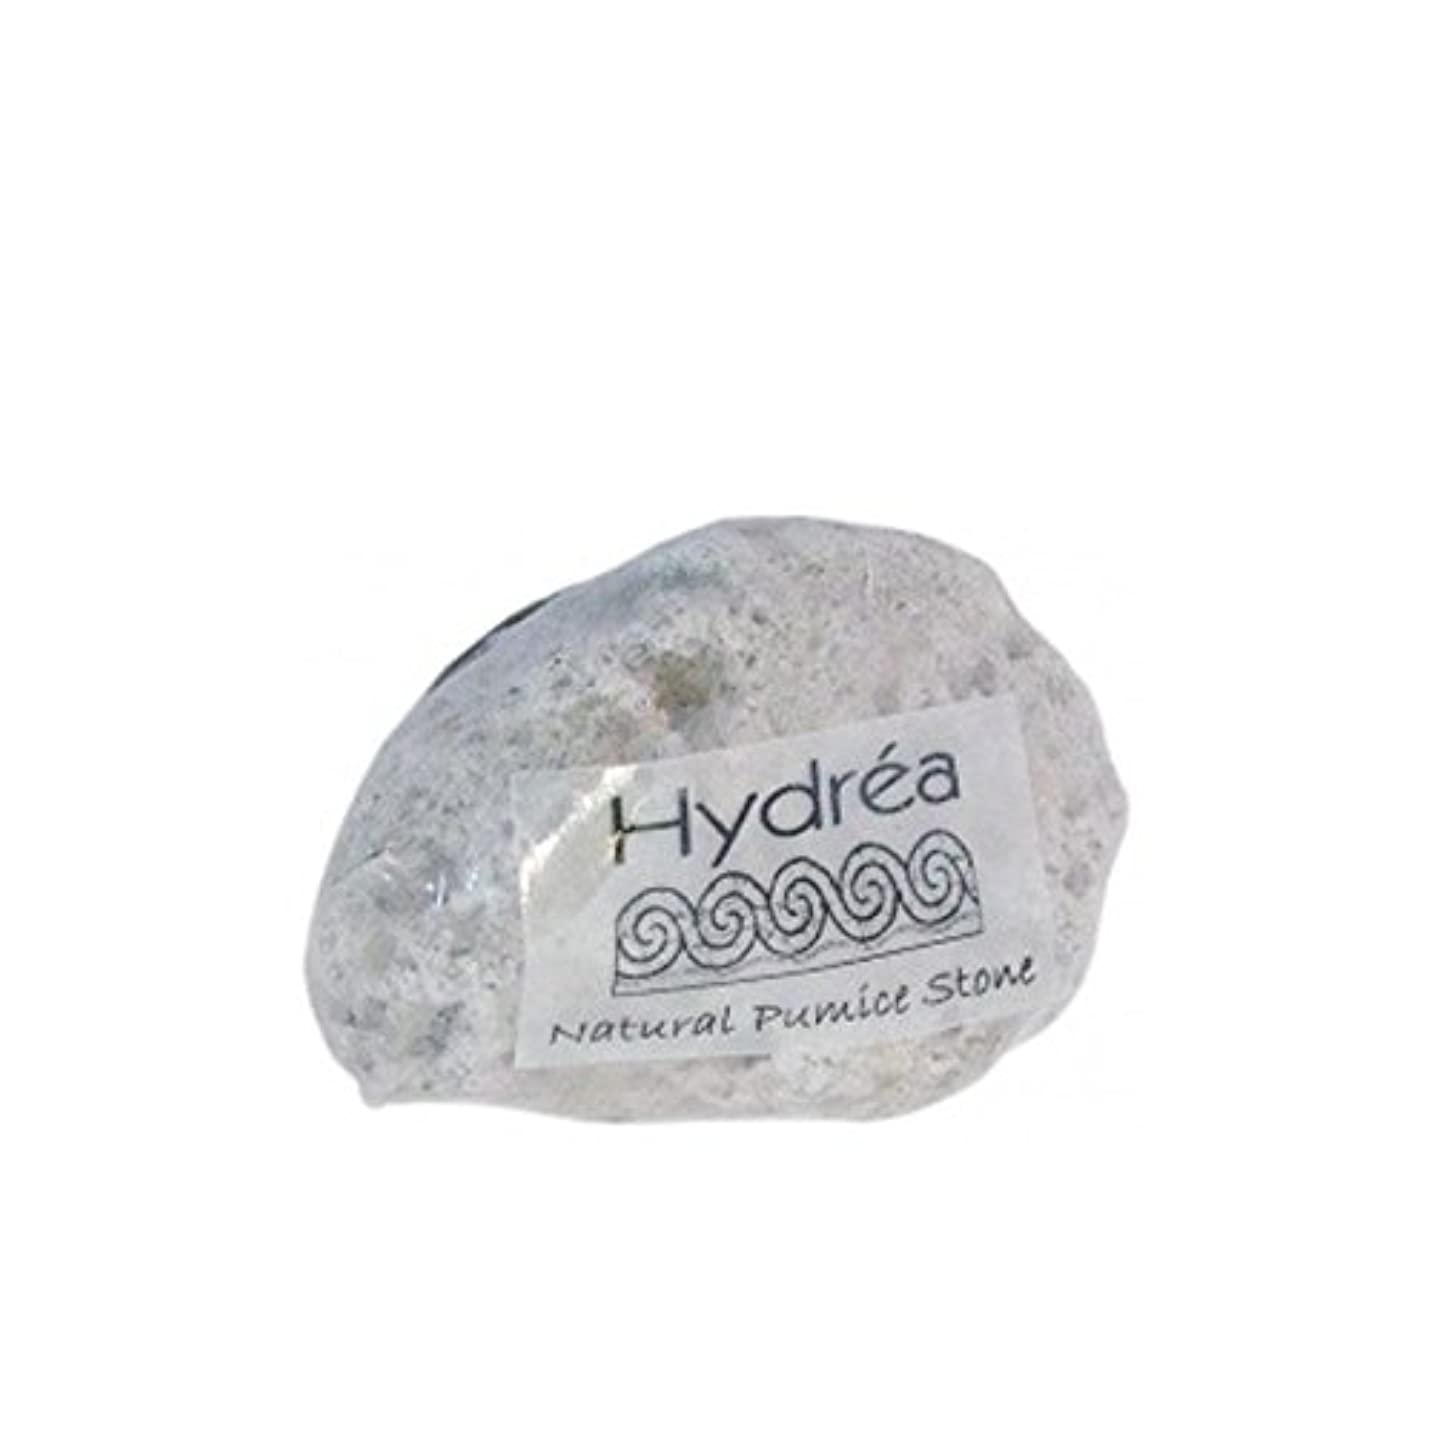 後者窓興奮ハイドレアロンドン - 自然軽石 x2 - Hydrea London - Natural Pumice Stone (Pack of 2) [並行輸入品]